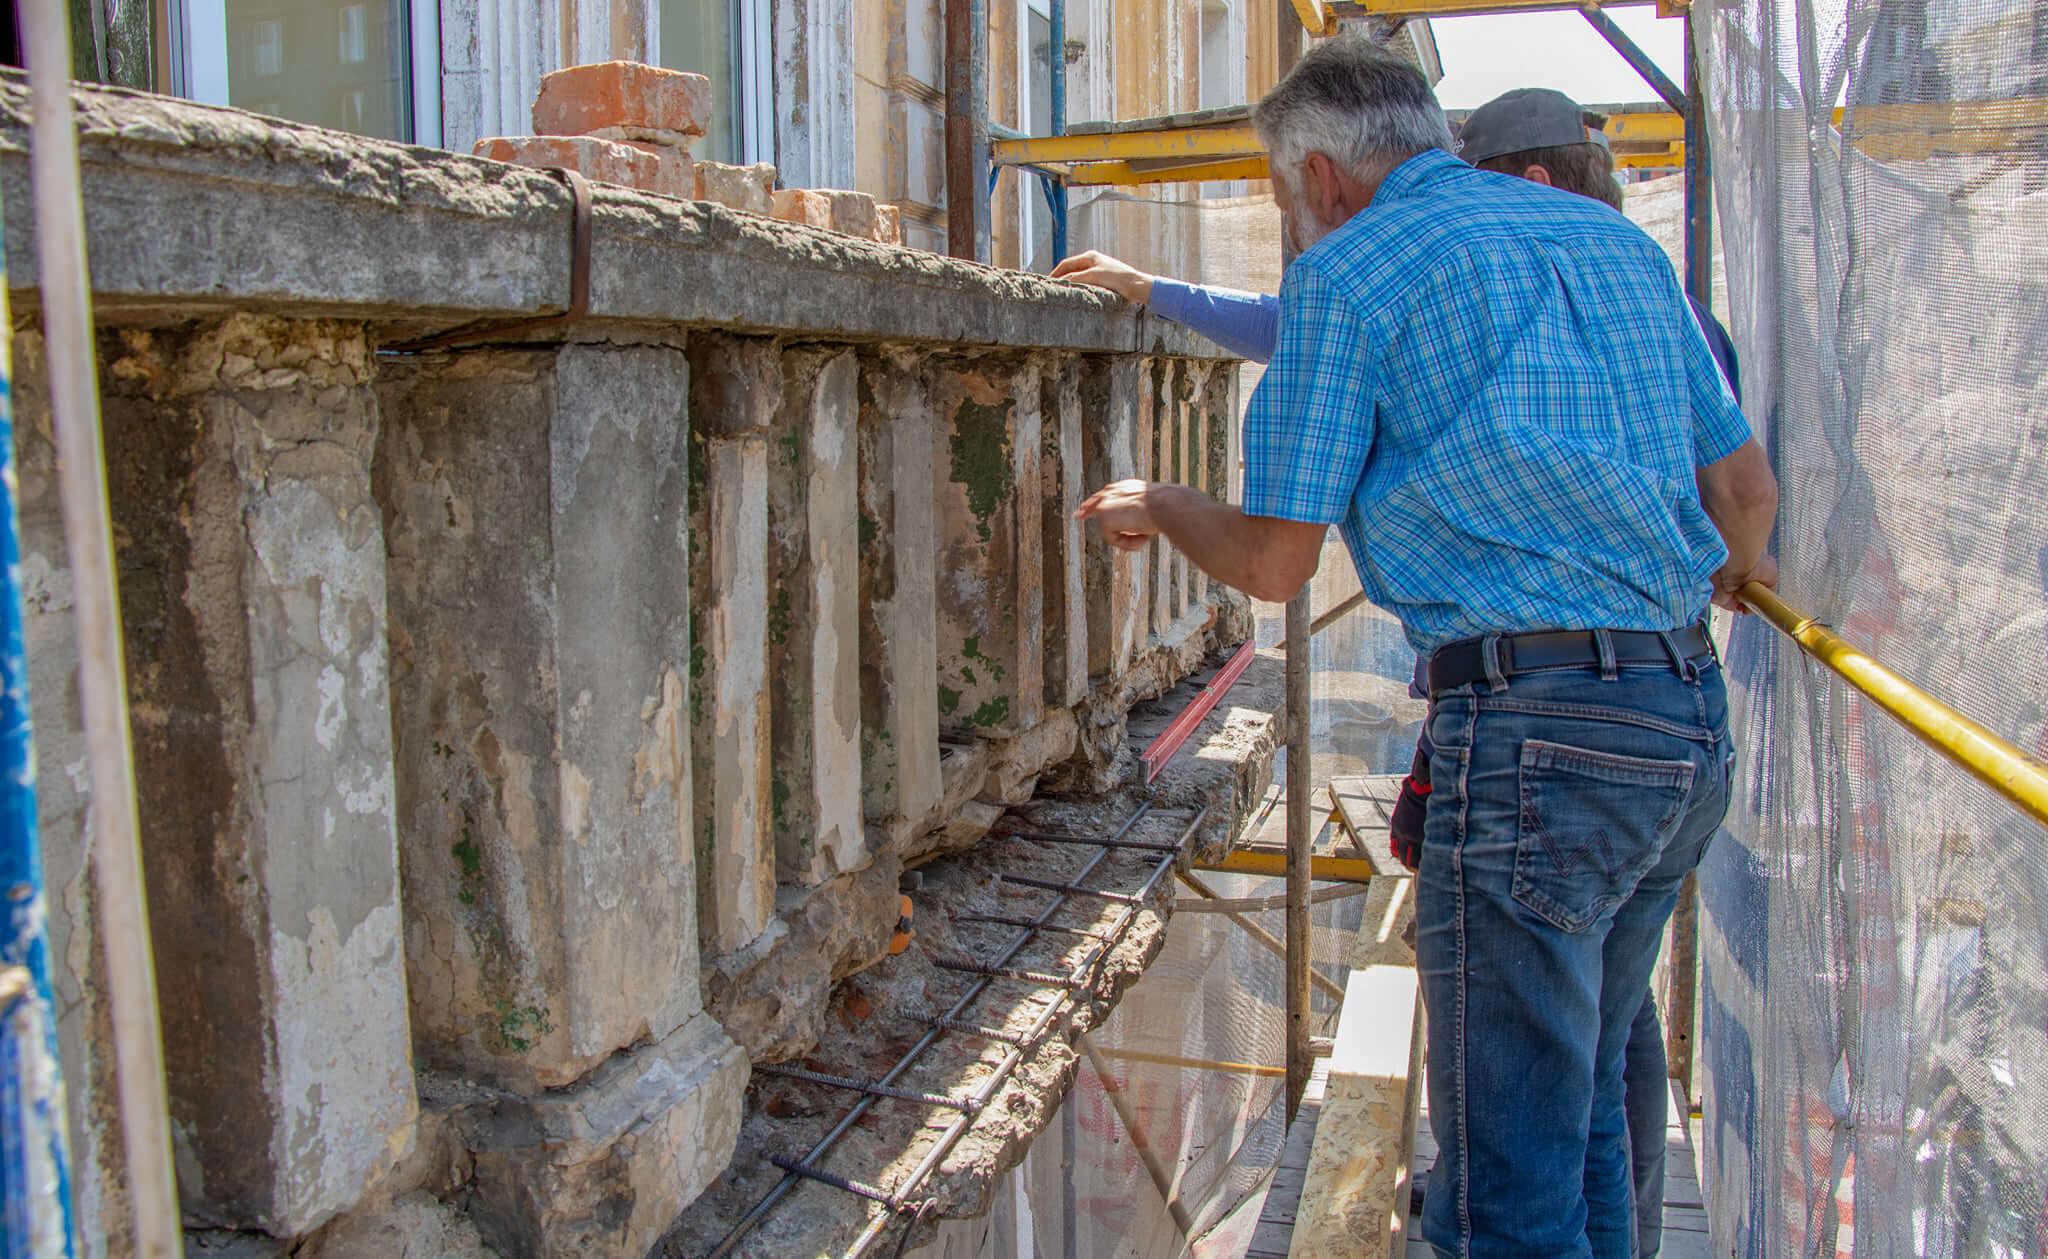 Франківці власним коштом відновлюють балкон будинку-пам'ятки на Січових Стрільців (ФОТО)